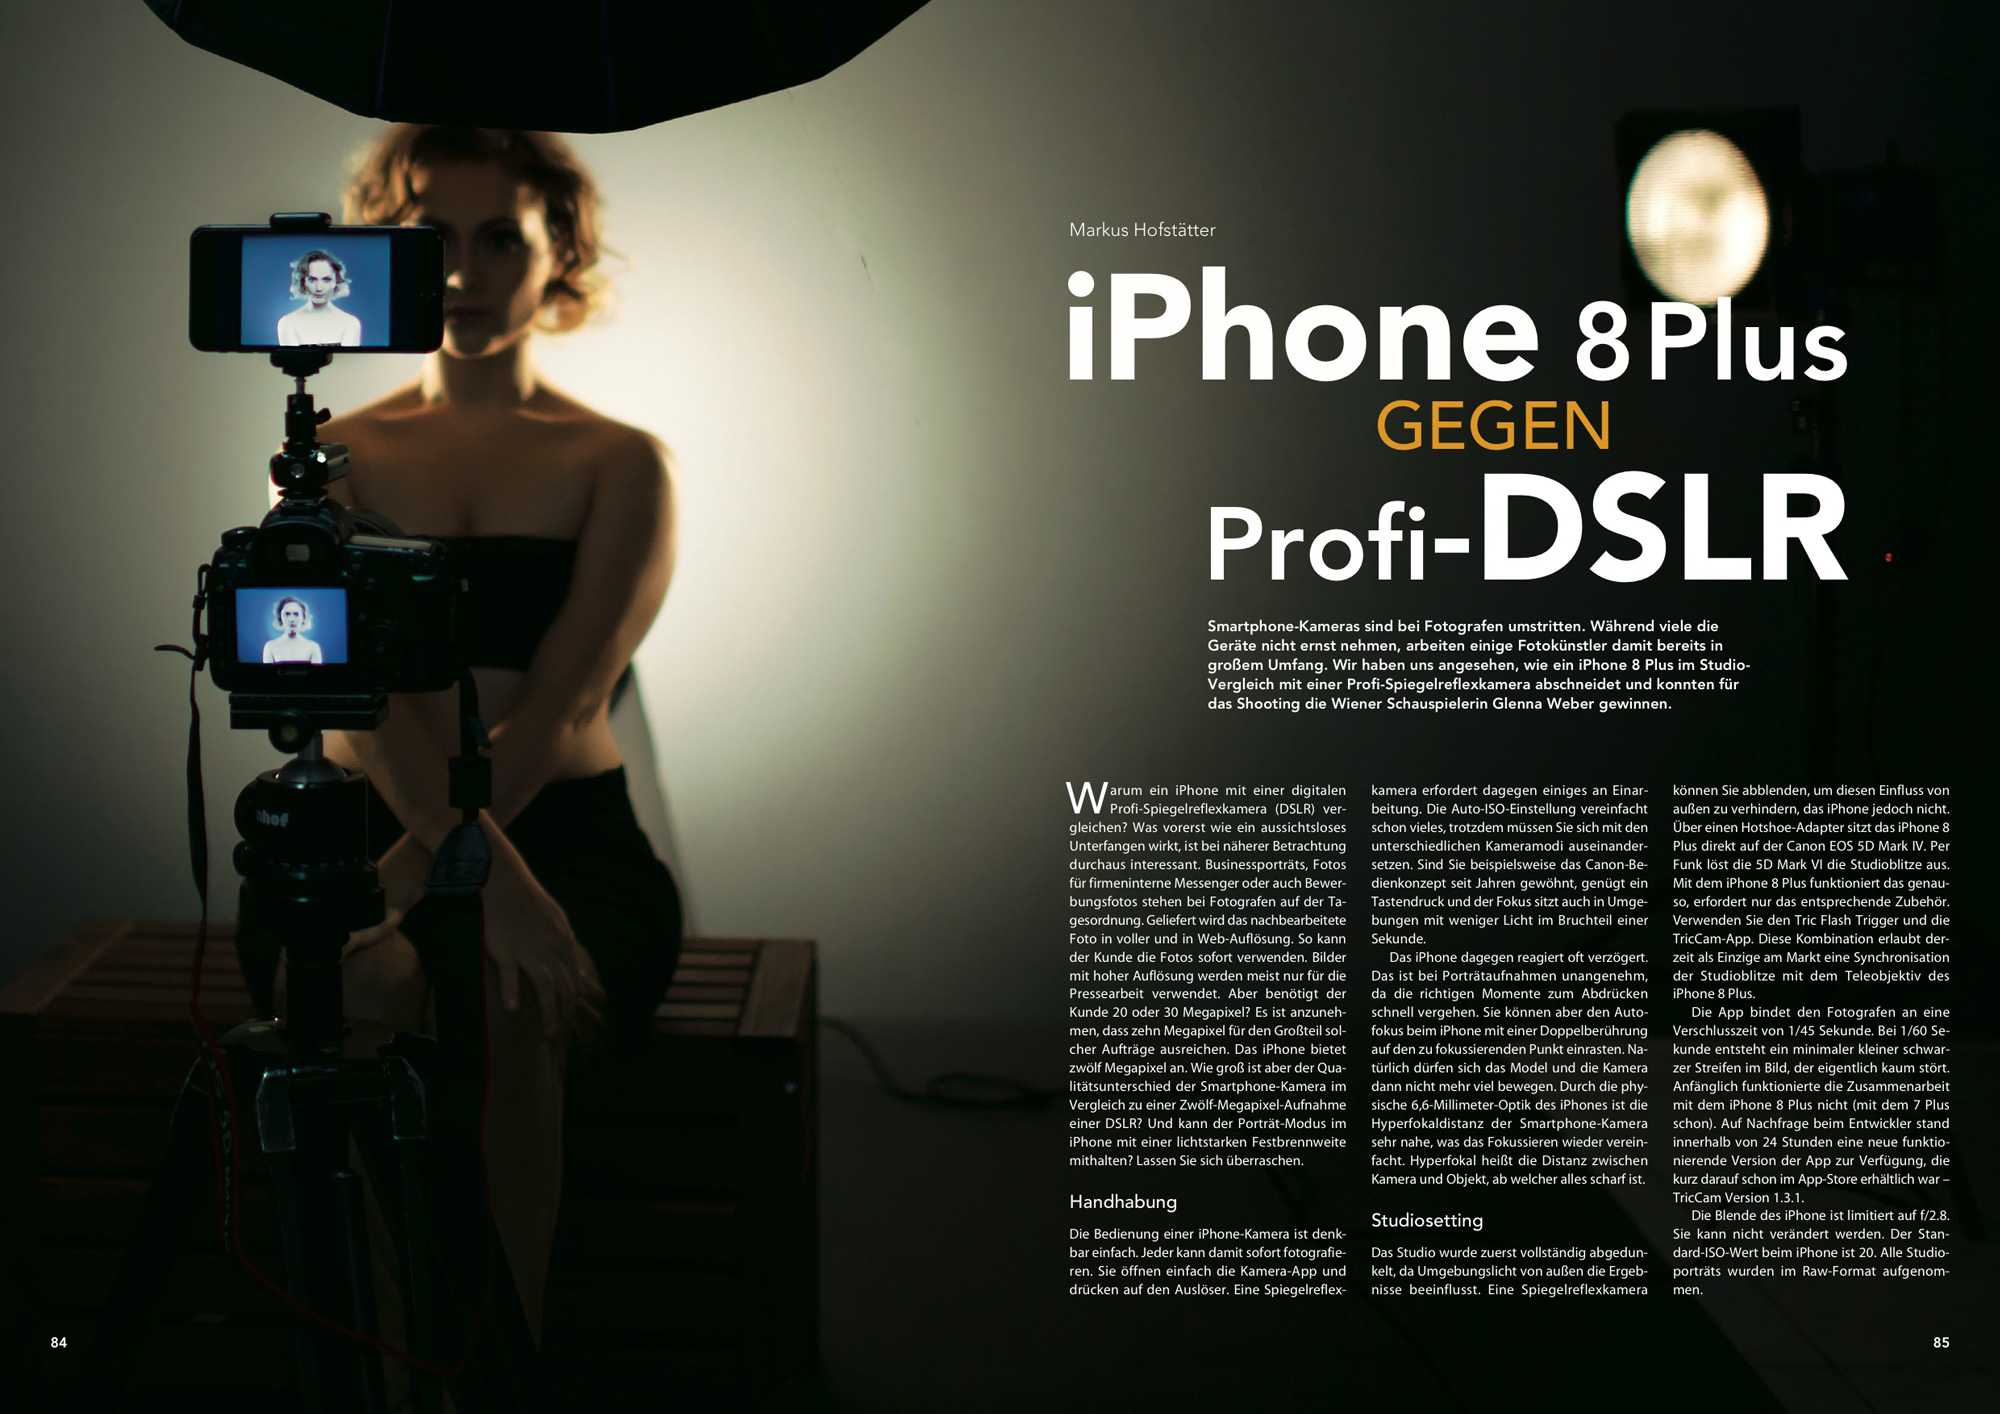 Profi-DSLR gegen Smartphone-Kamera: Wir haben das iPhone 8 Plus gegen Canons 5D Mark IV antreten lassen und vergleichen die Bildergebnisse.